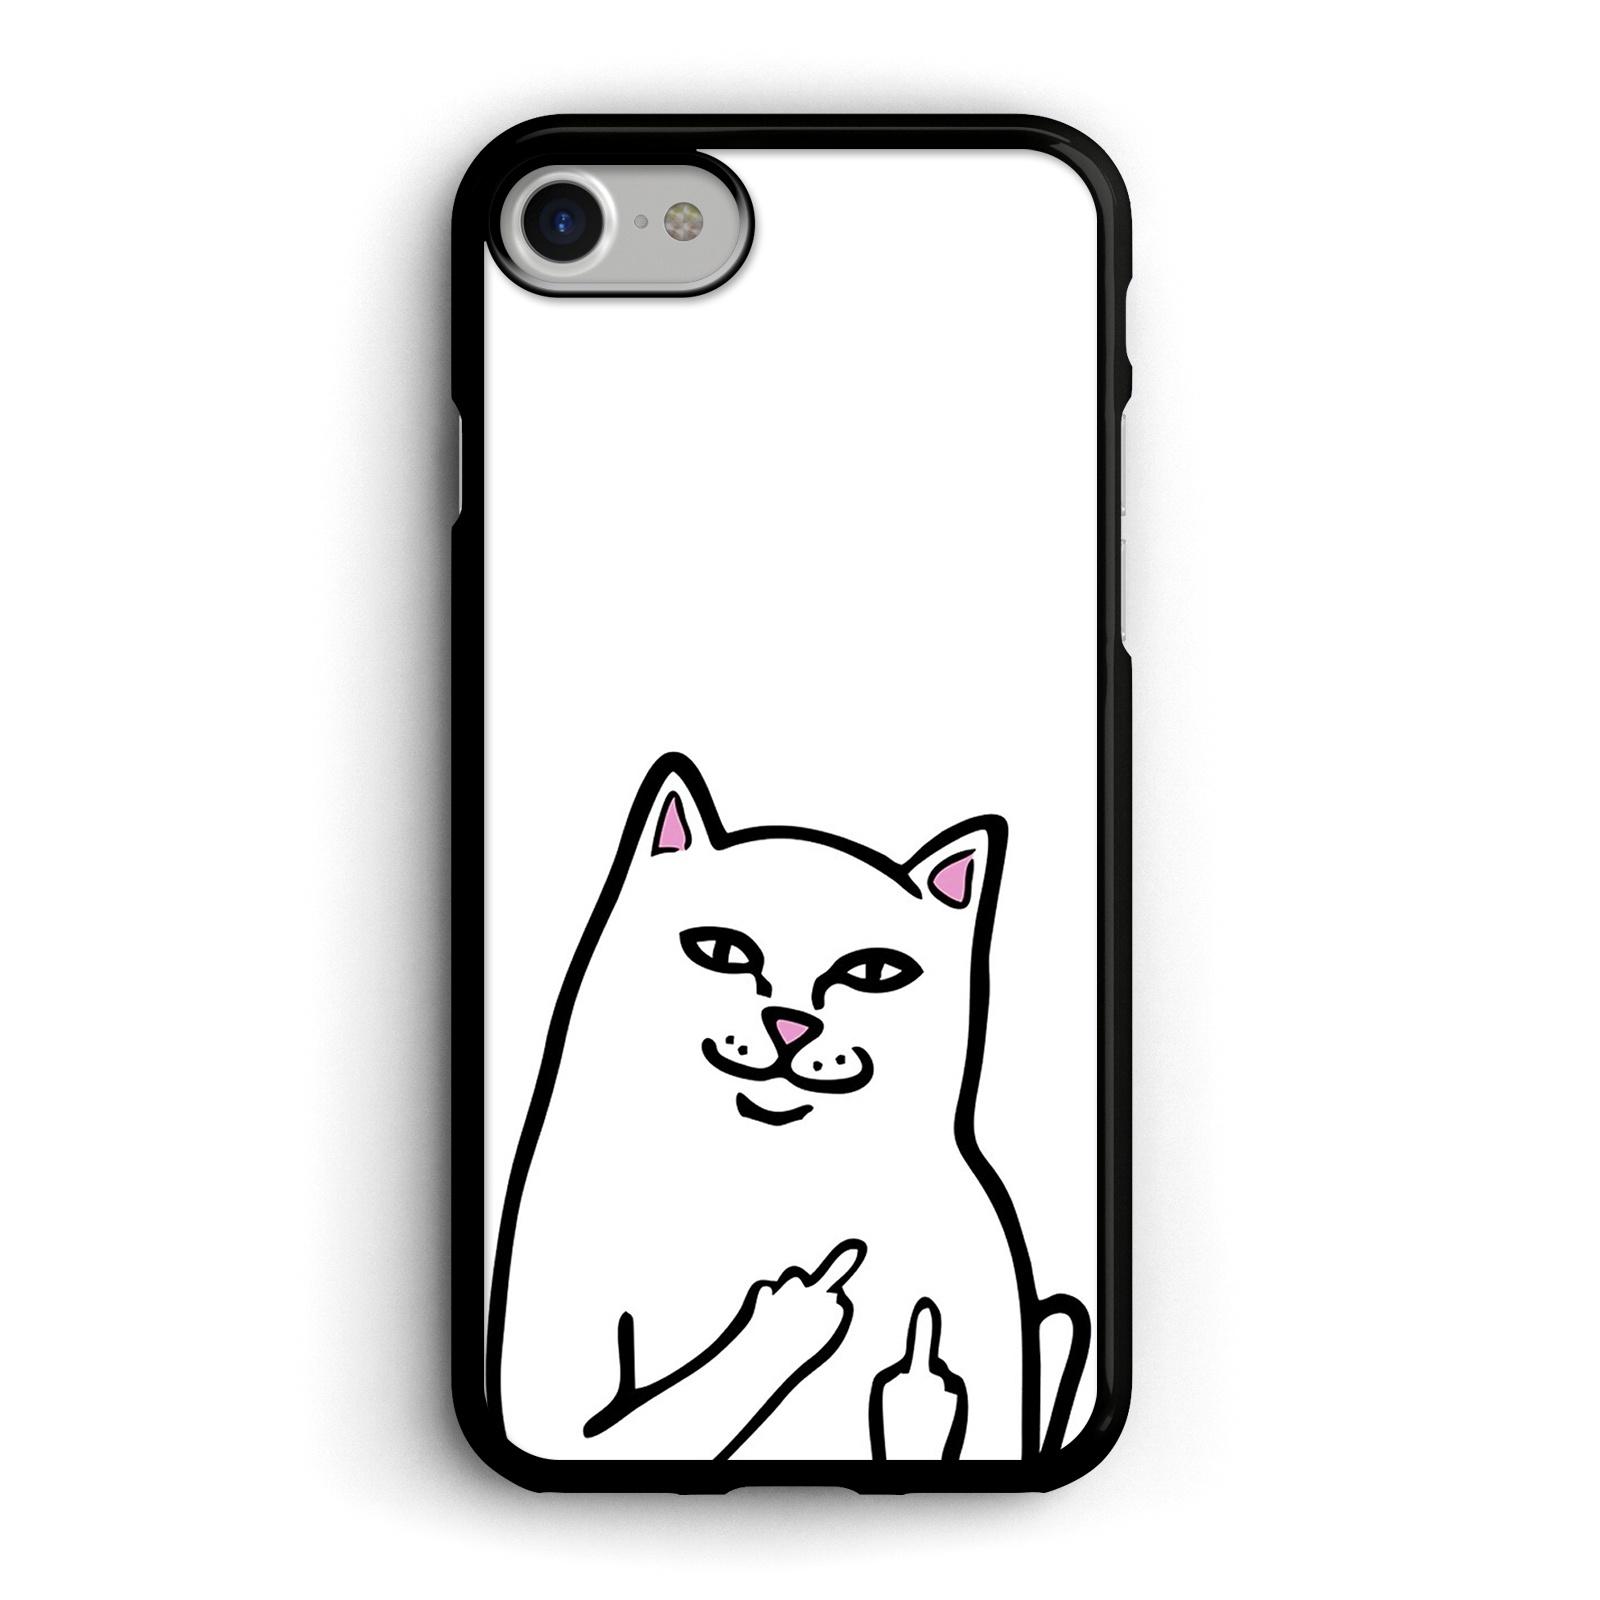 все картинки на чехол для телефона нарисовать красивые рисунки котики влаге